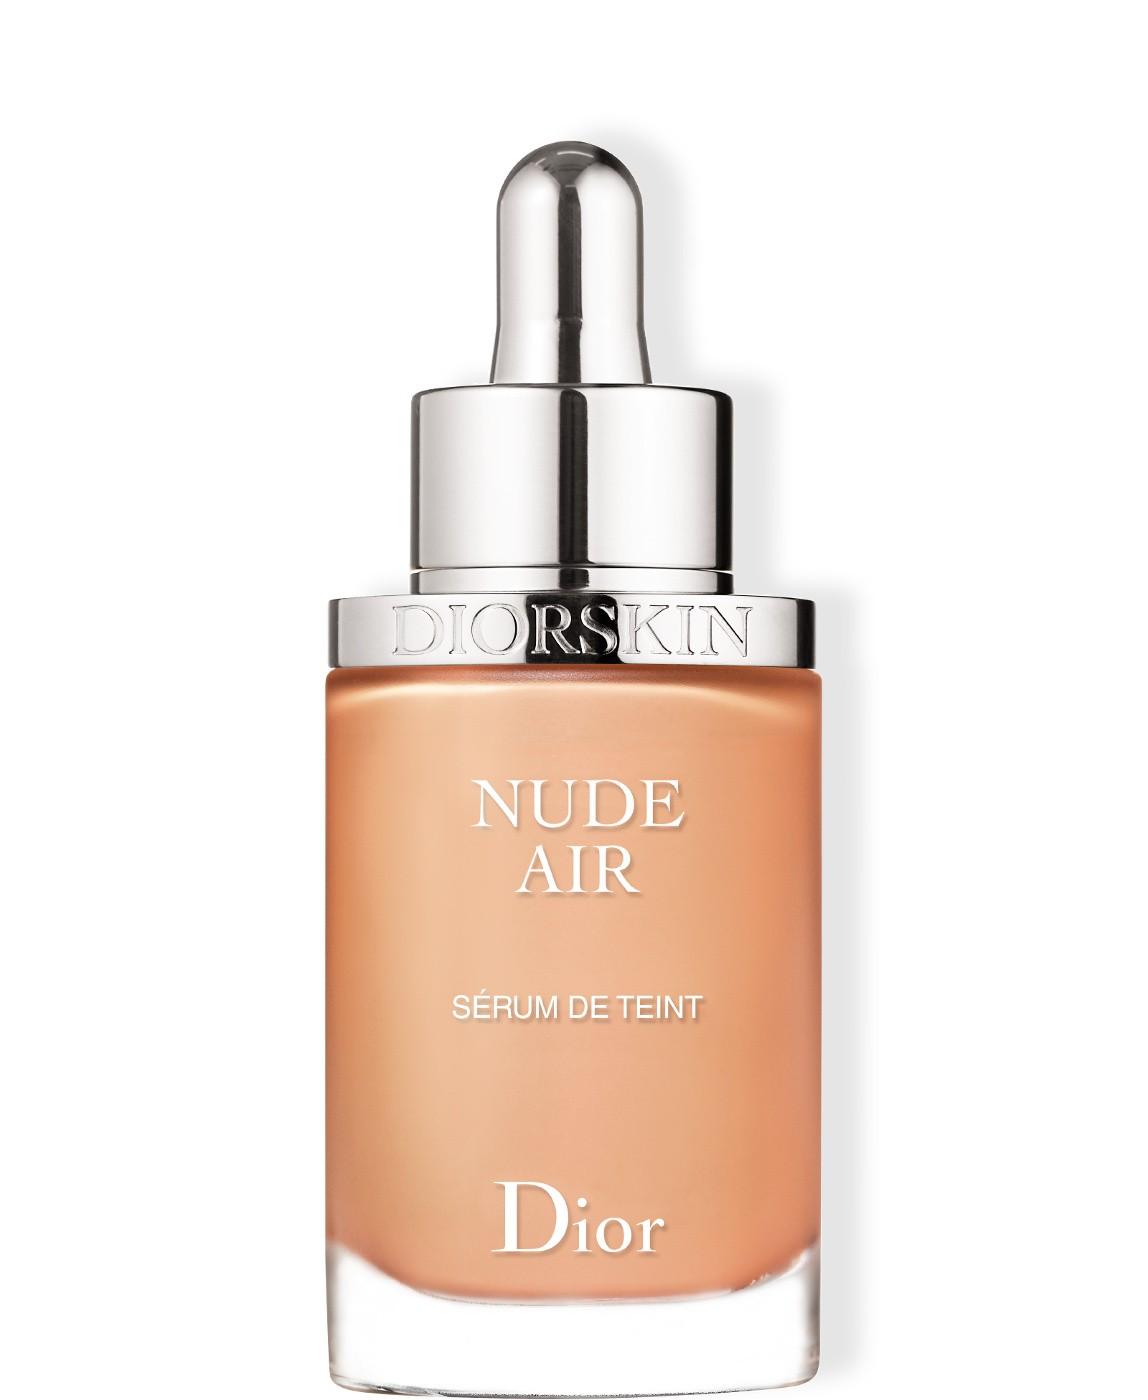 Dior NUDE AIR serum foundation #030-beige moyen | Women's